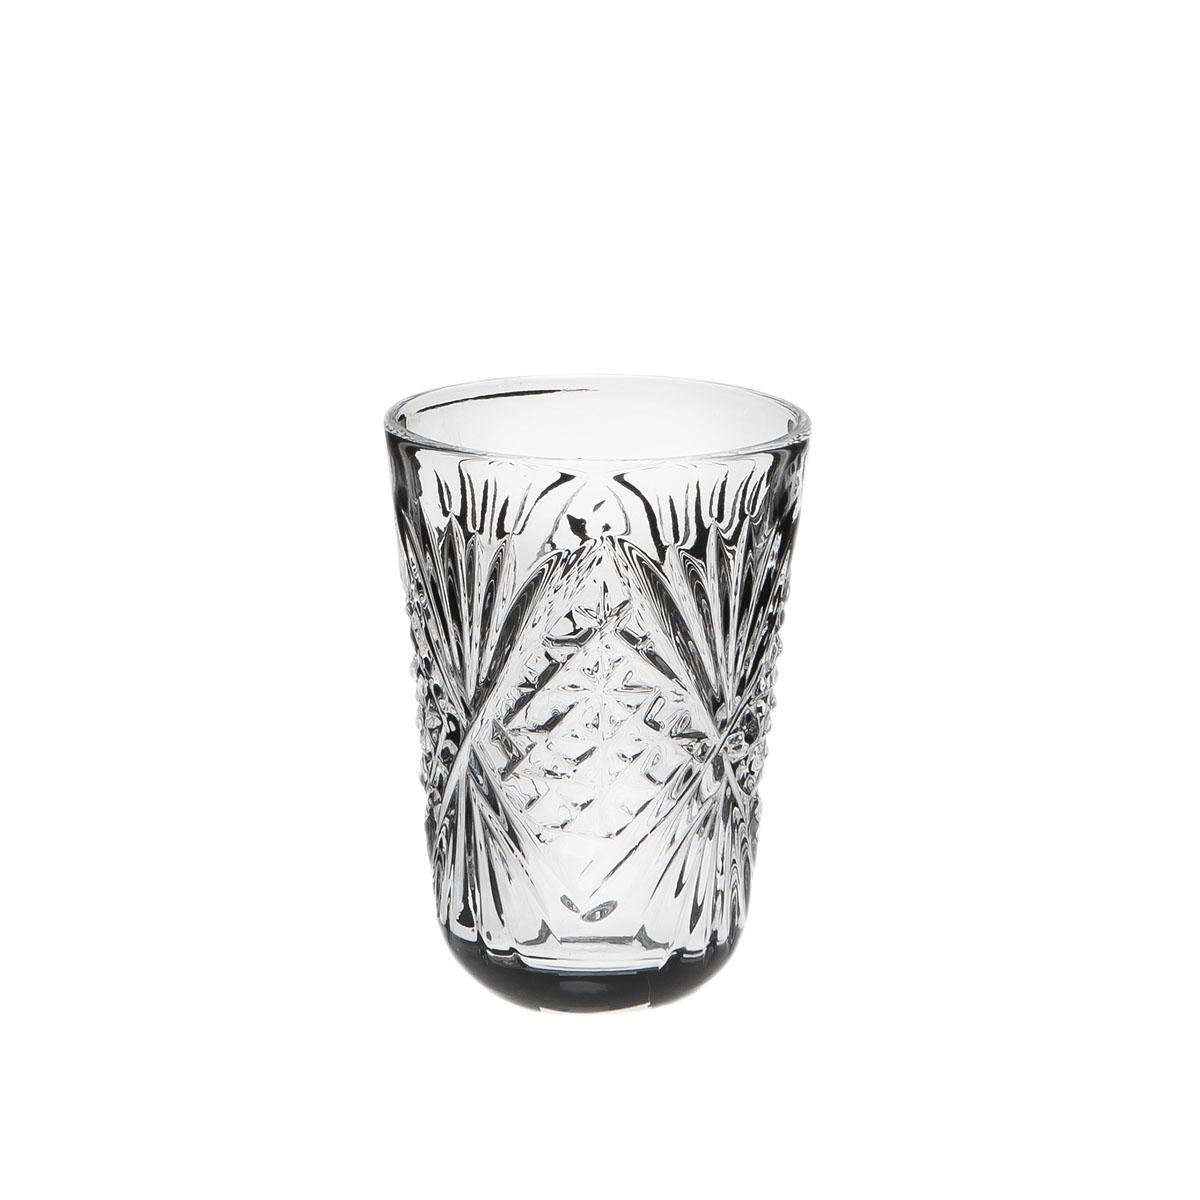 Стакан к графину Дятьковский хрусталь, 50 мл. С332/2С332/2Хрустальные стаканы – красивое и простое решение для украшения праздничного стола. Стаканы из хрусталя универсальны, они подойдут и для алкогольных напитков – вина, шампанского, и для освежающих – минеральной воды, компота или сока. Если в вашей домашней коллекции еще нет предметов хрустальной посуды, купить хрустальные стаканы стоит обязательно.